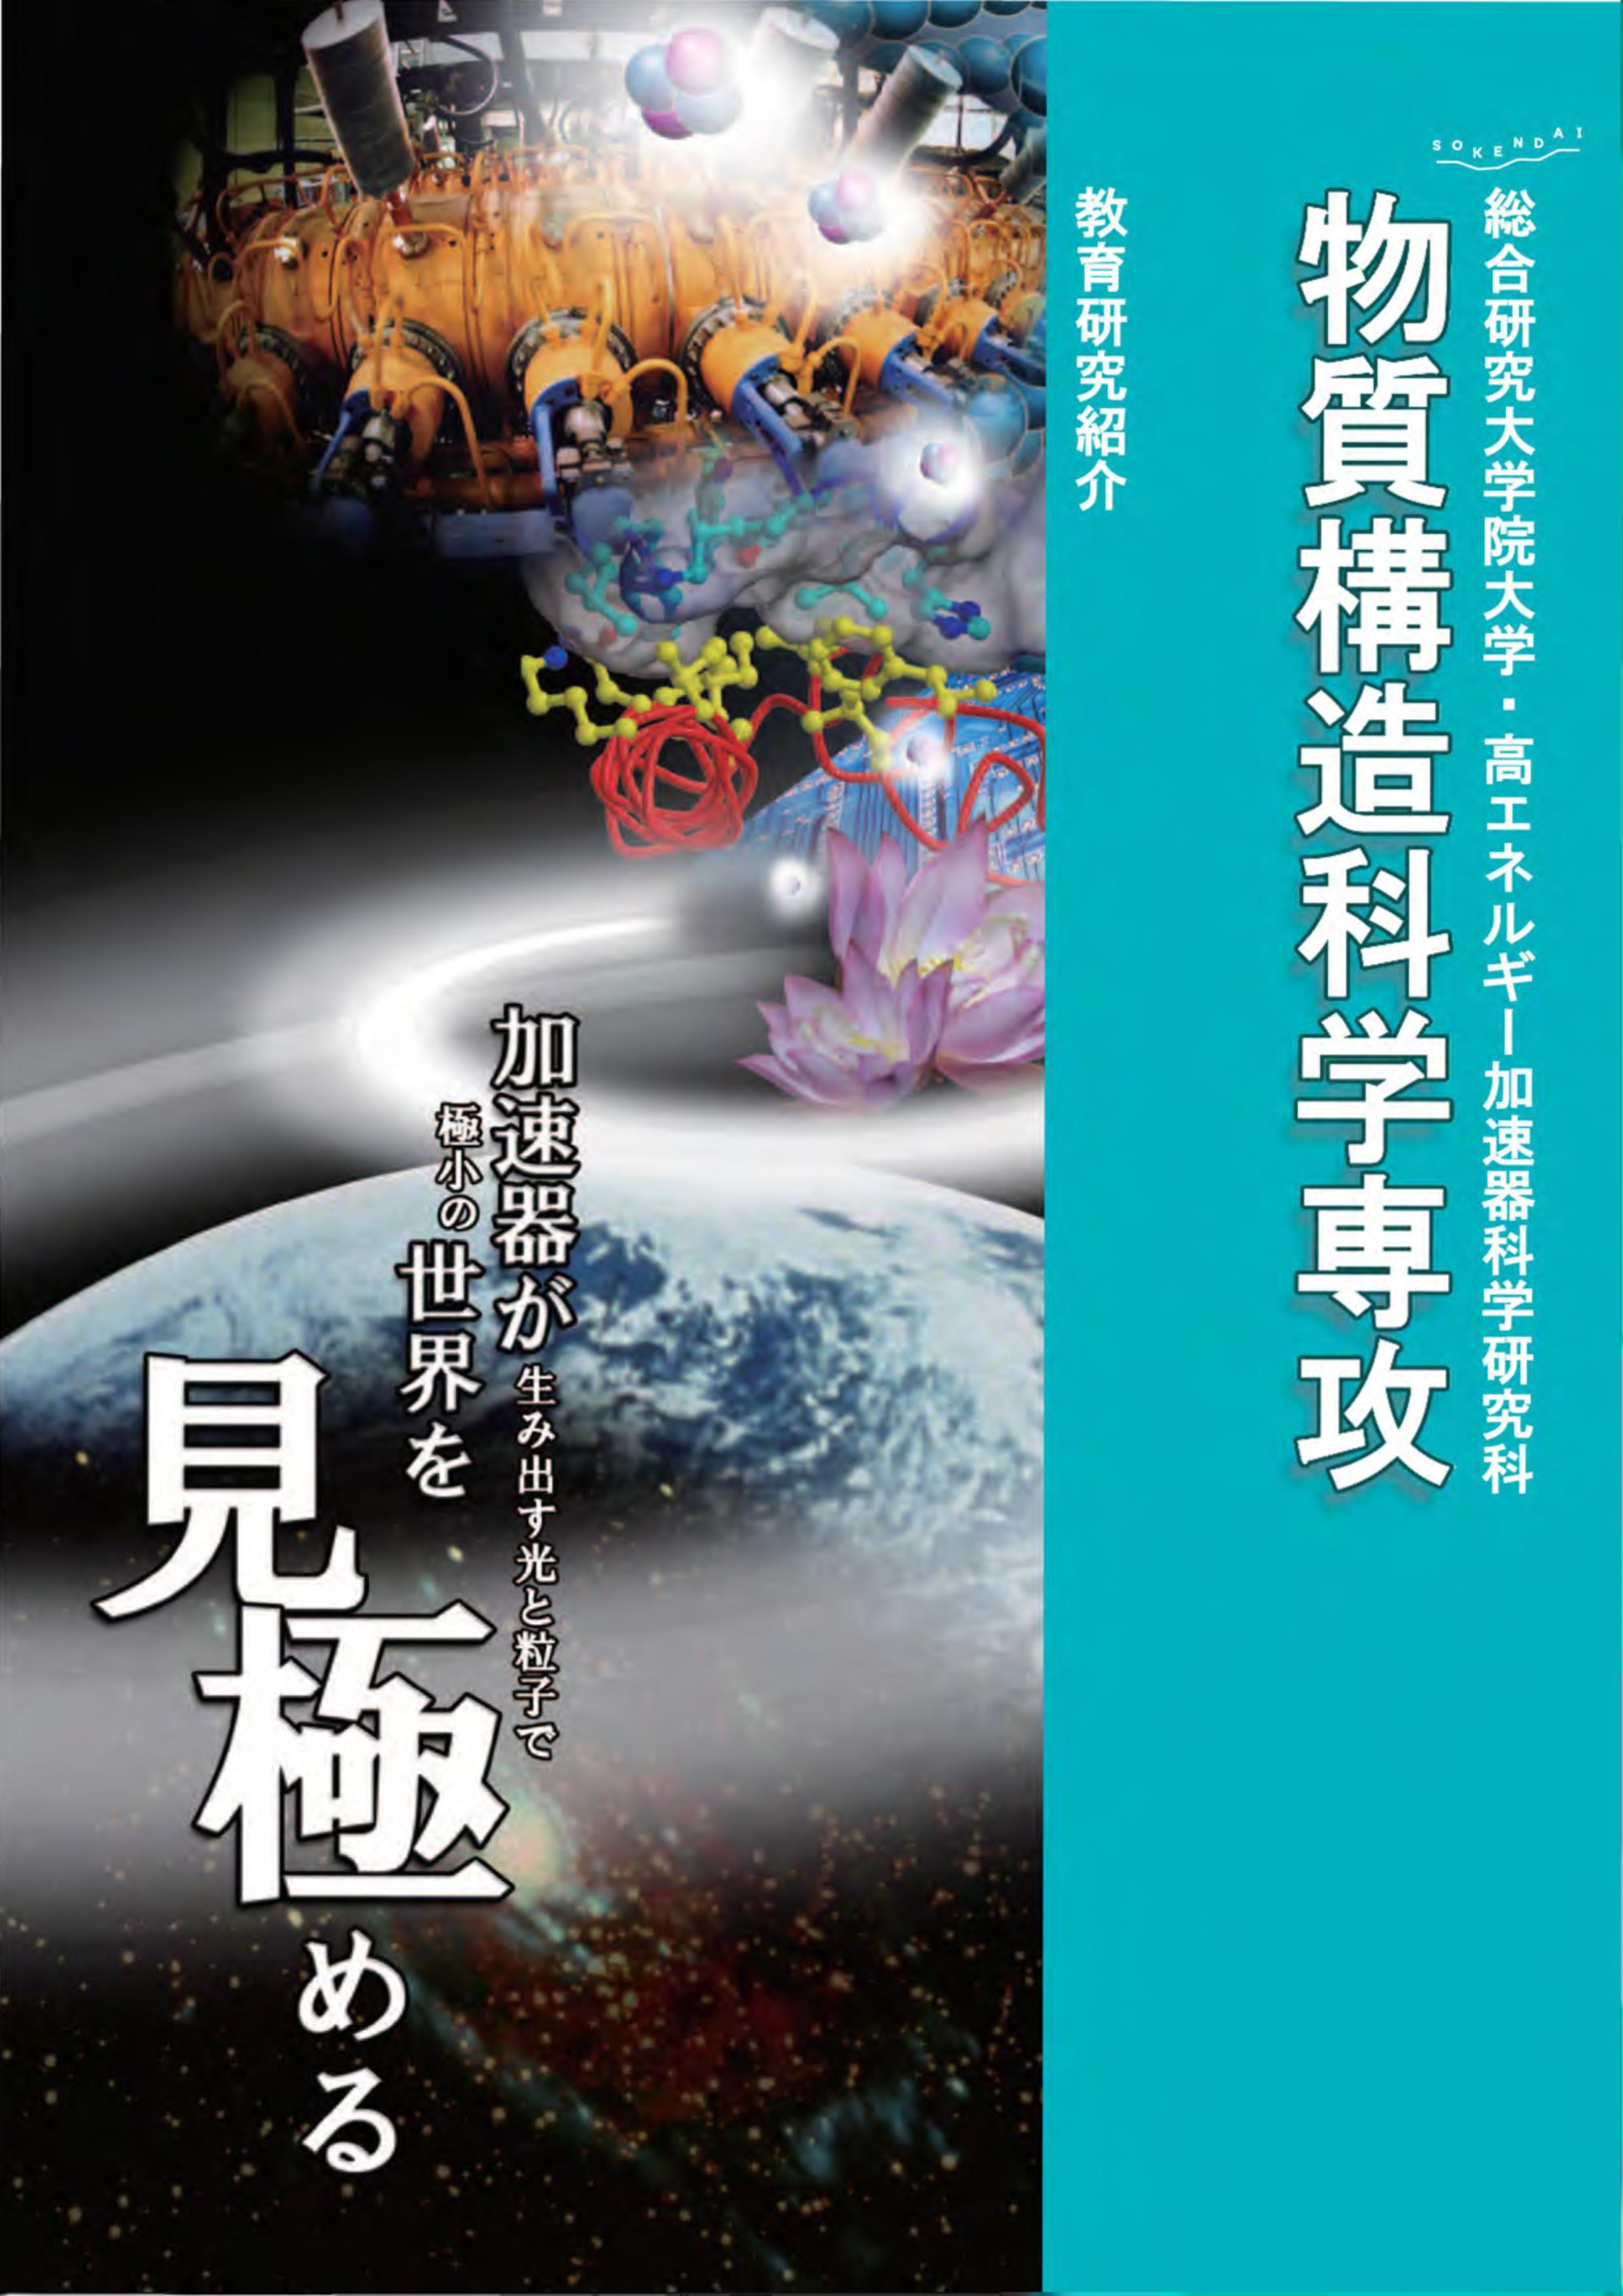 物質構造科学専攻 パンフレット(PDF)